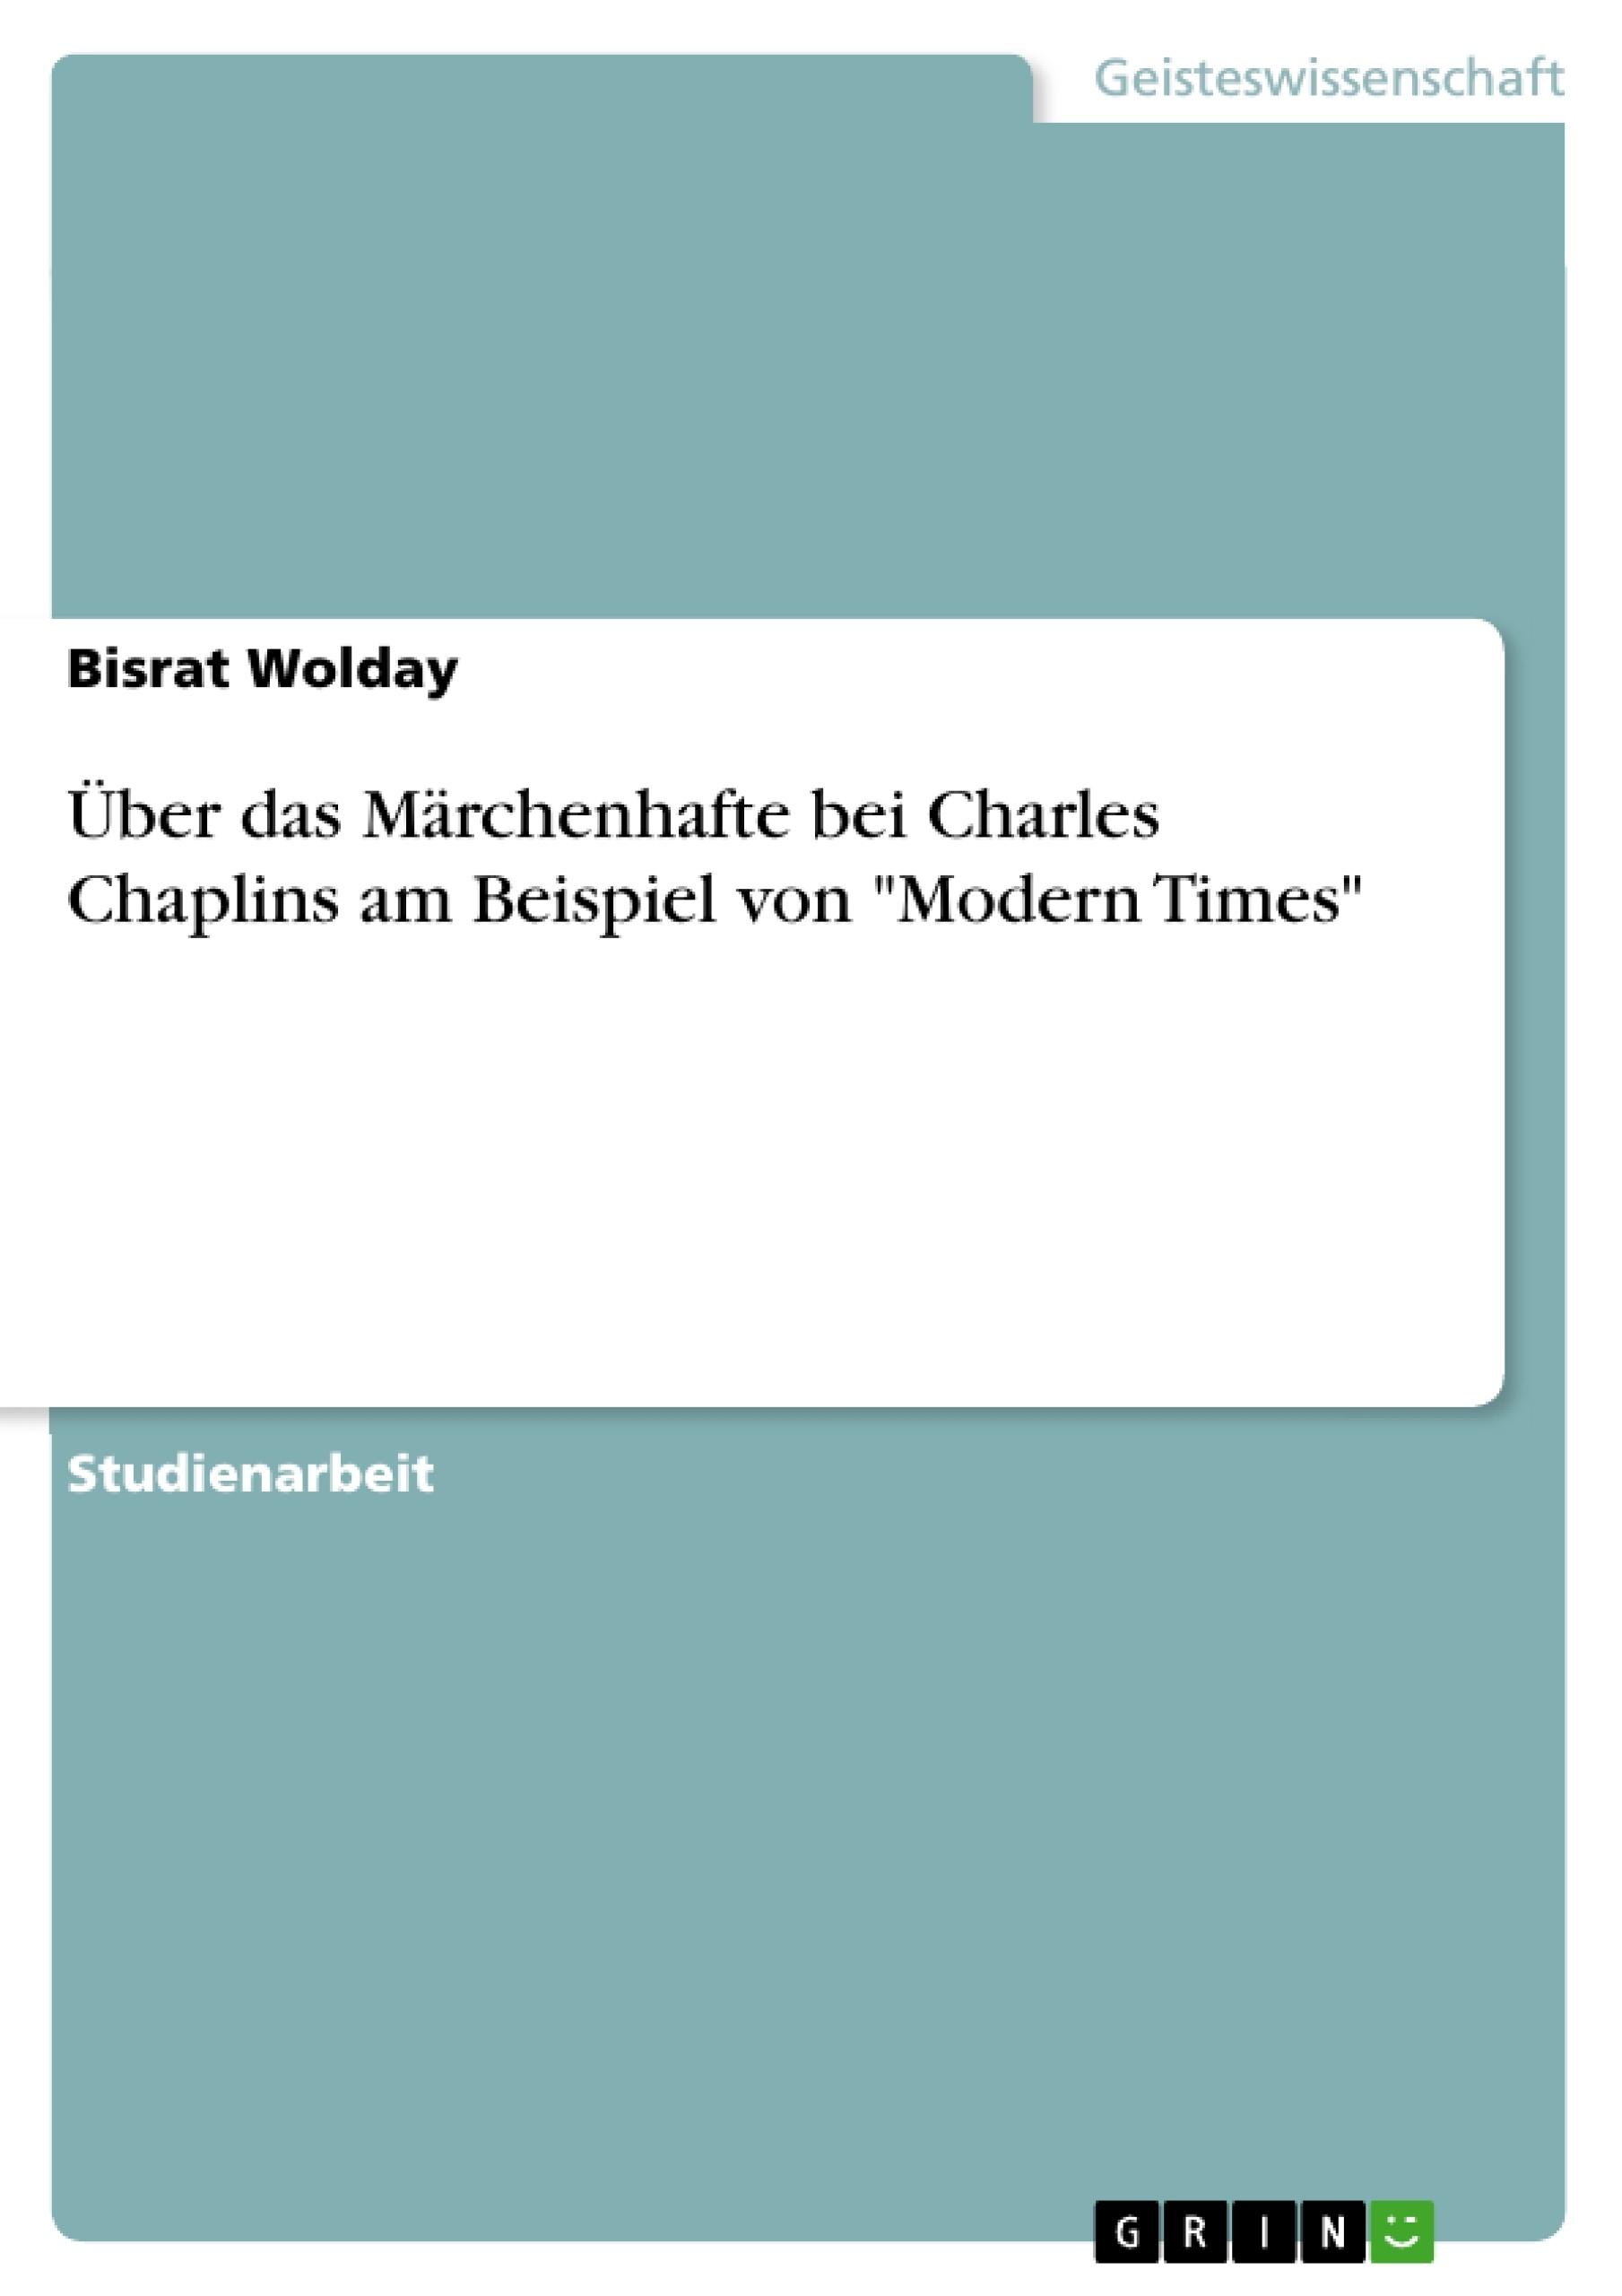 """Titel: Über das Märchenhafte bei Charles Chaplins am Beispiel von """"Modern Times"""""""